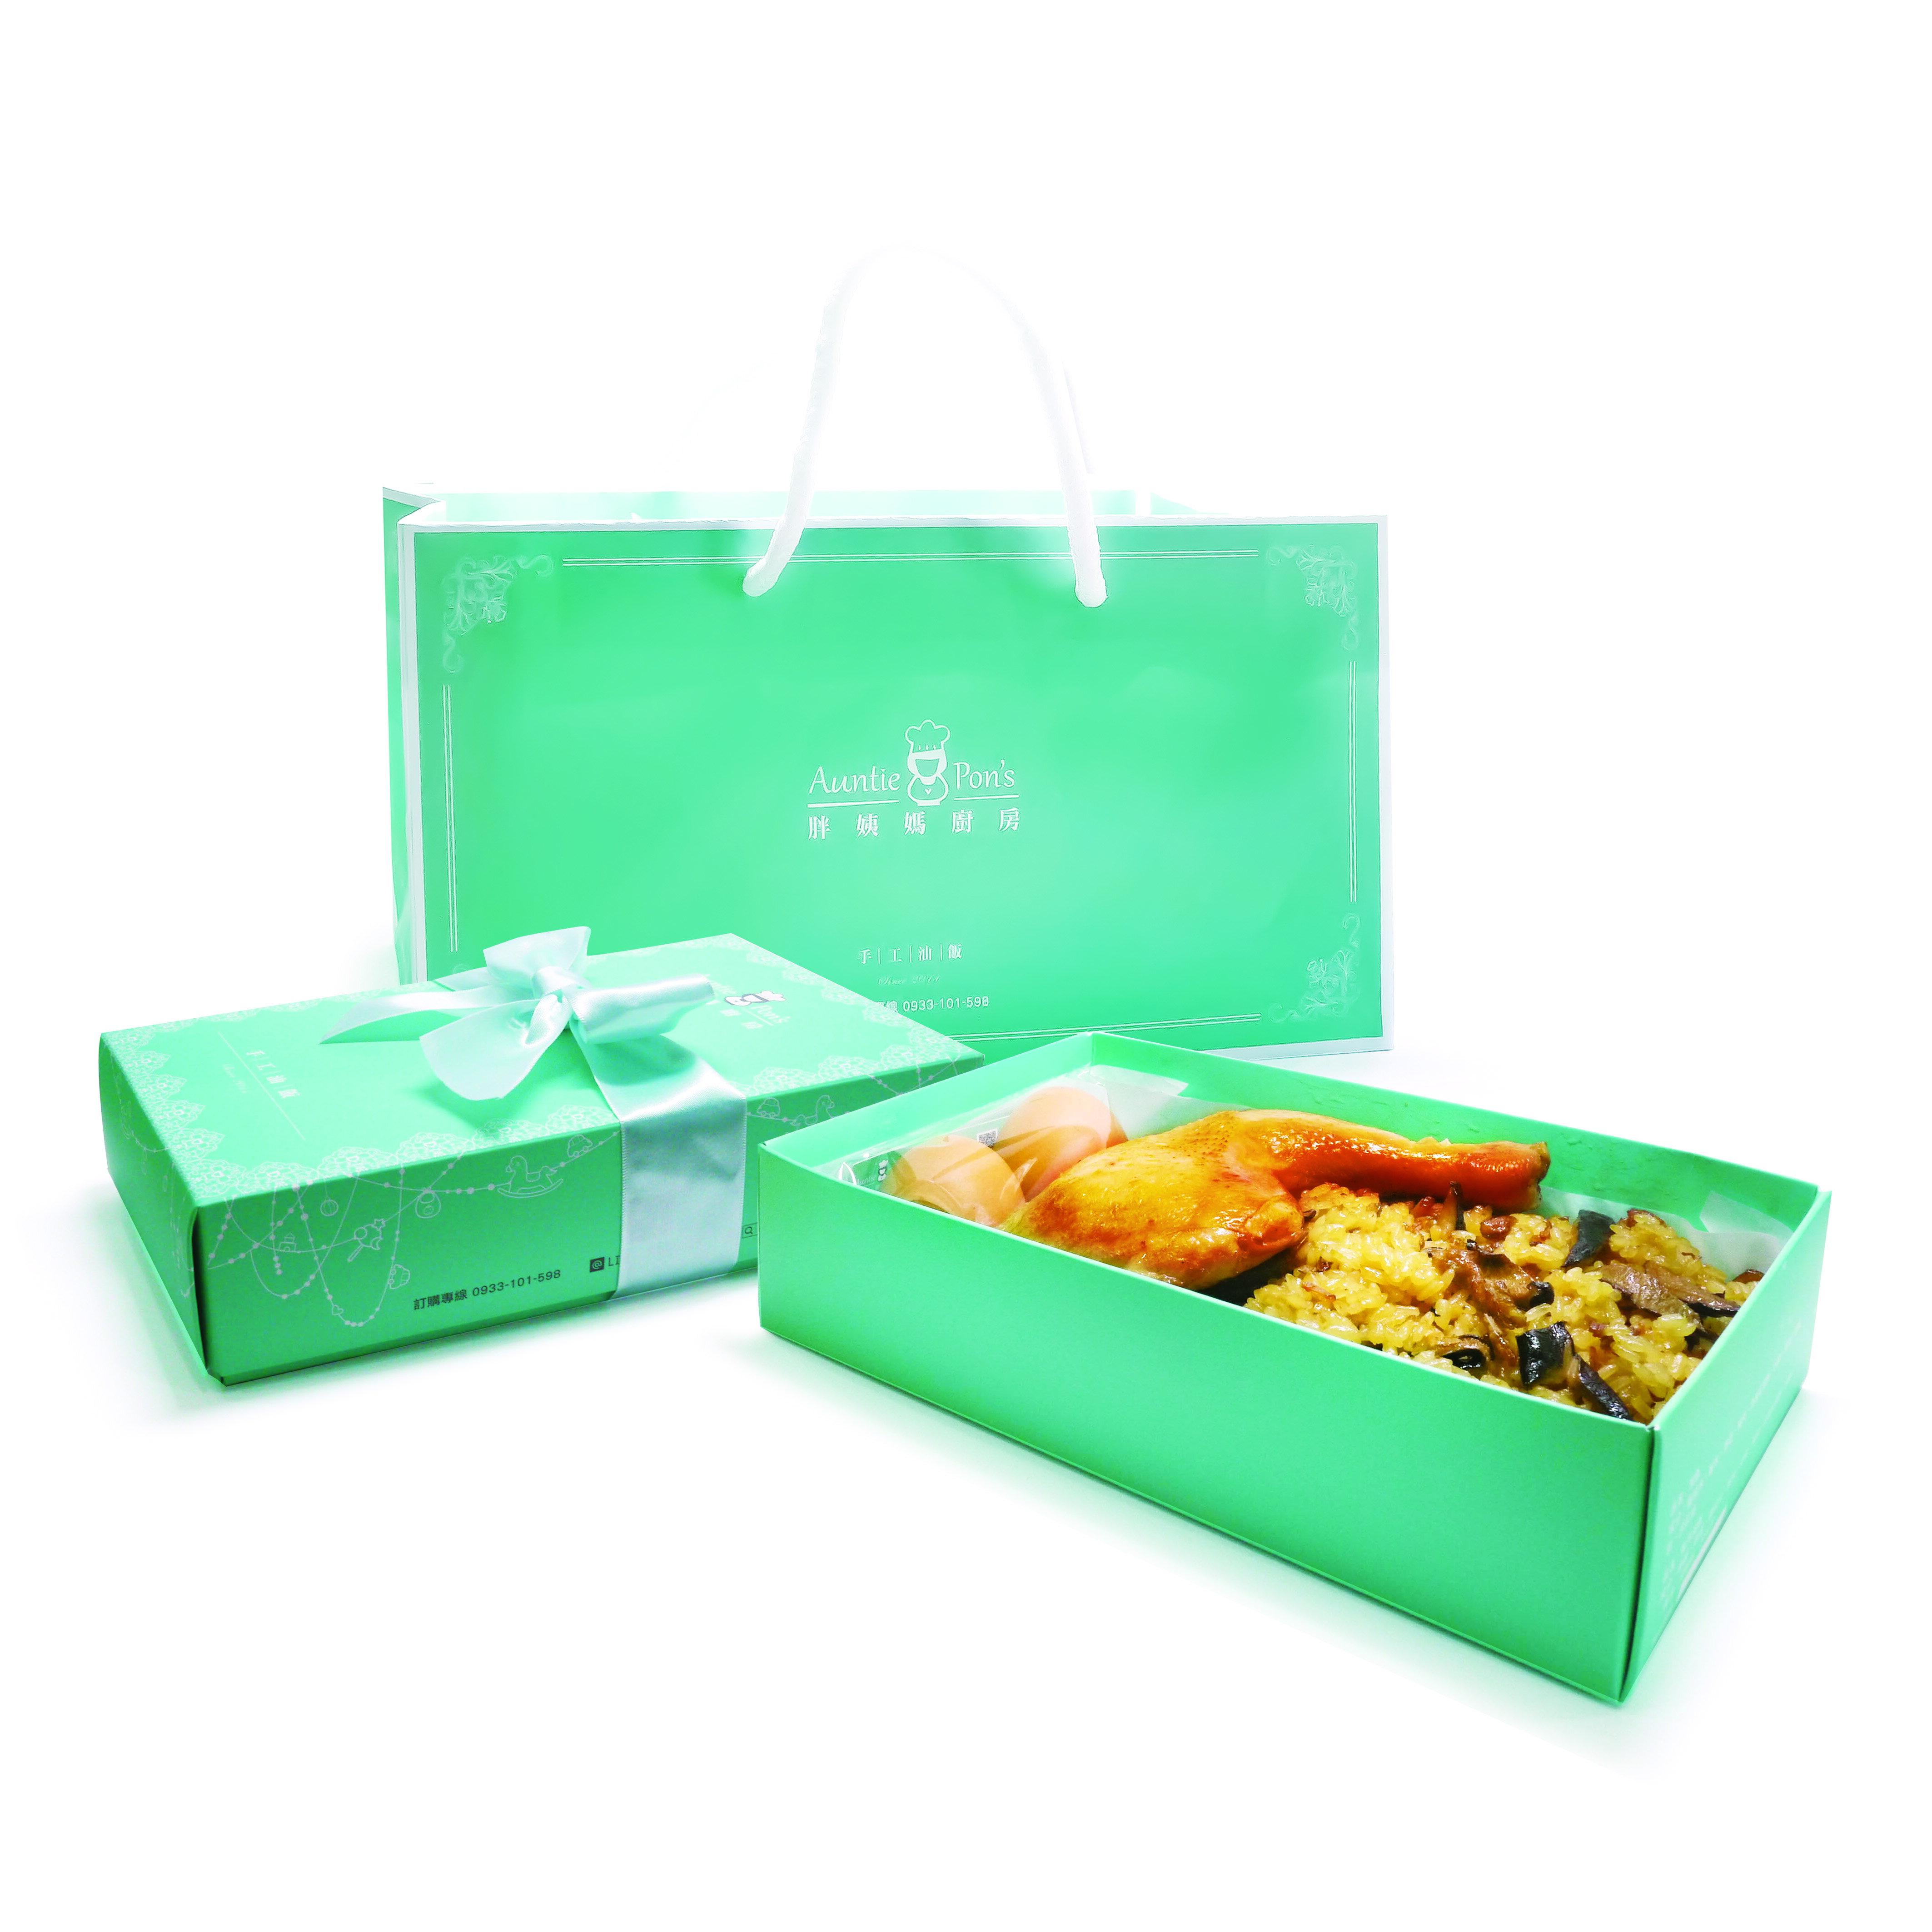 [胖姨媽廚房] 招牌手工彌月油飯禮盒 16兩(一斤含雞腿紅殼蛋)